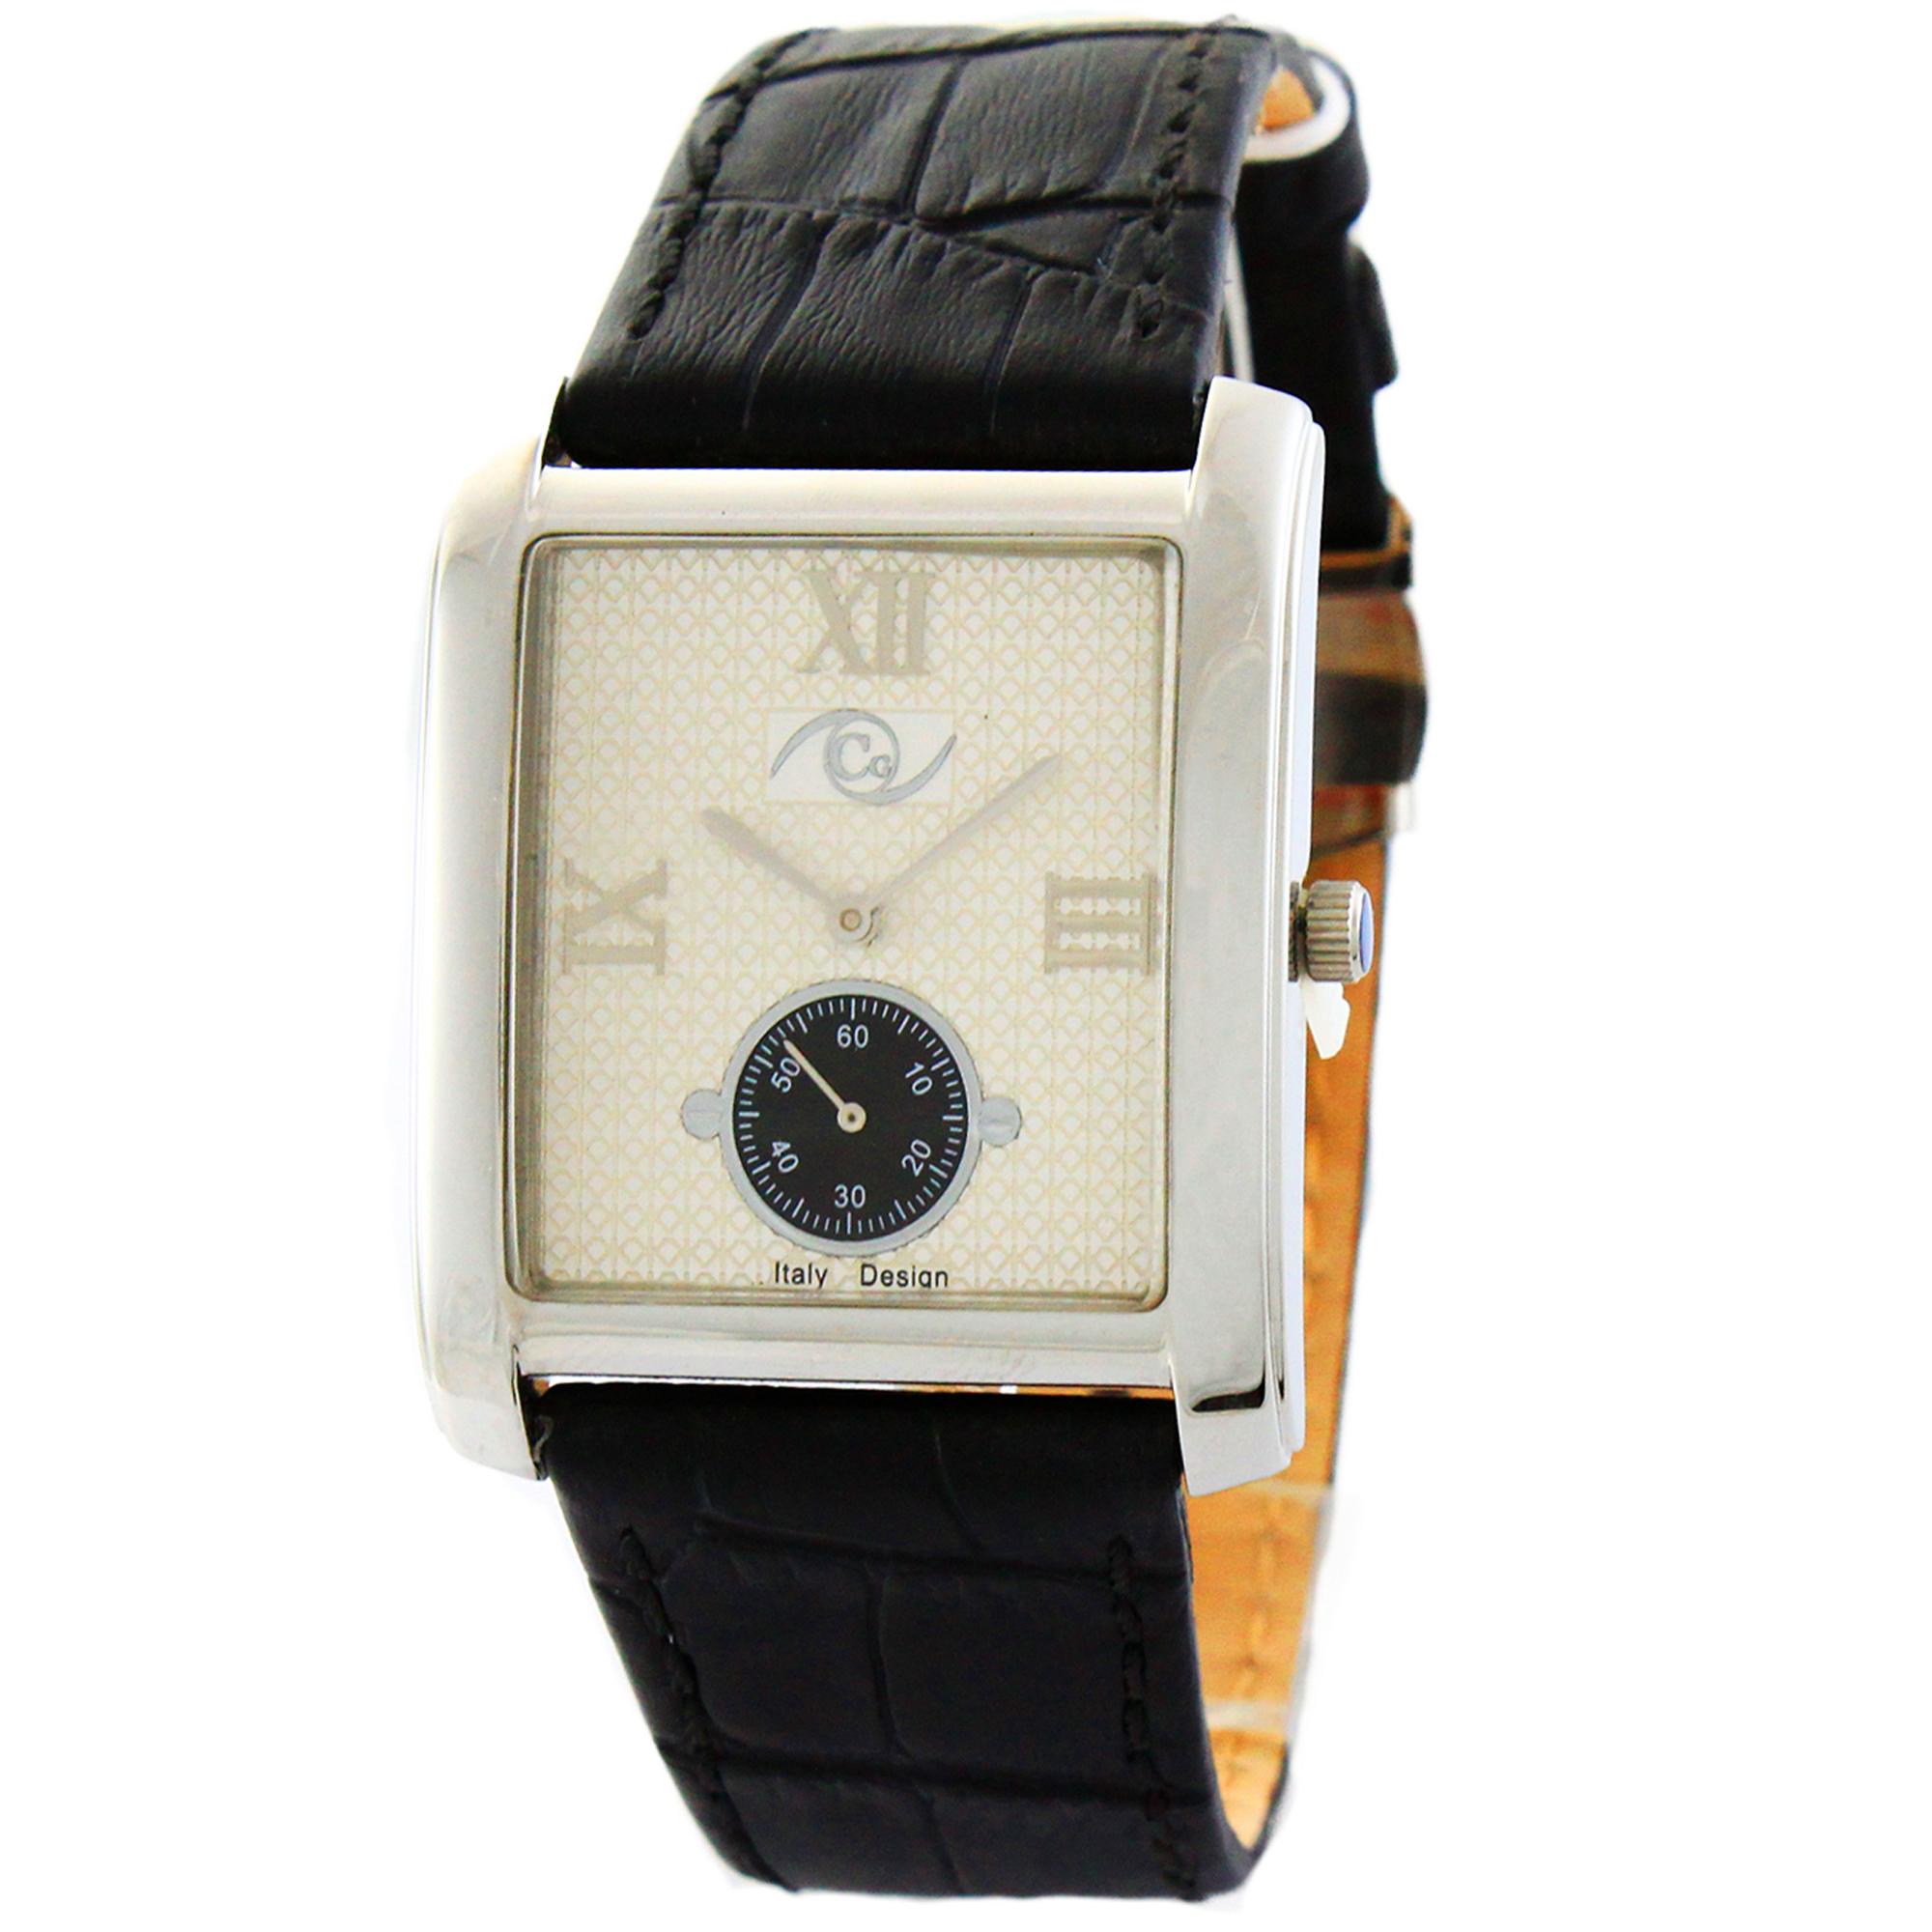 ساعت مچی عقربه ای مردانه کارلو پروجی مدل CG2025-1 6